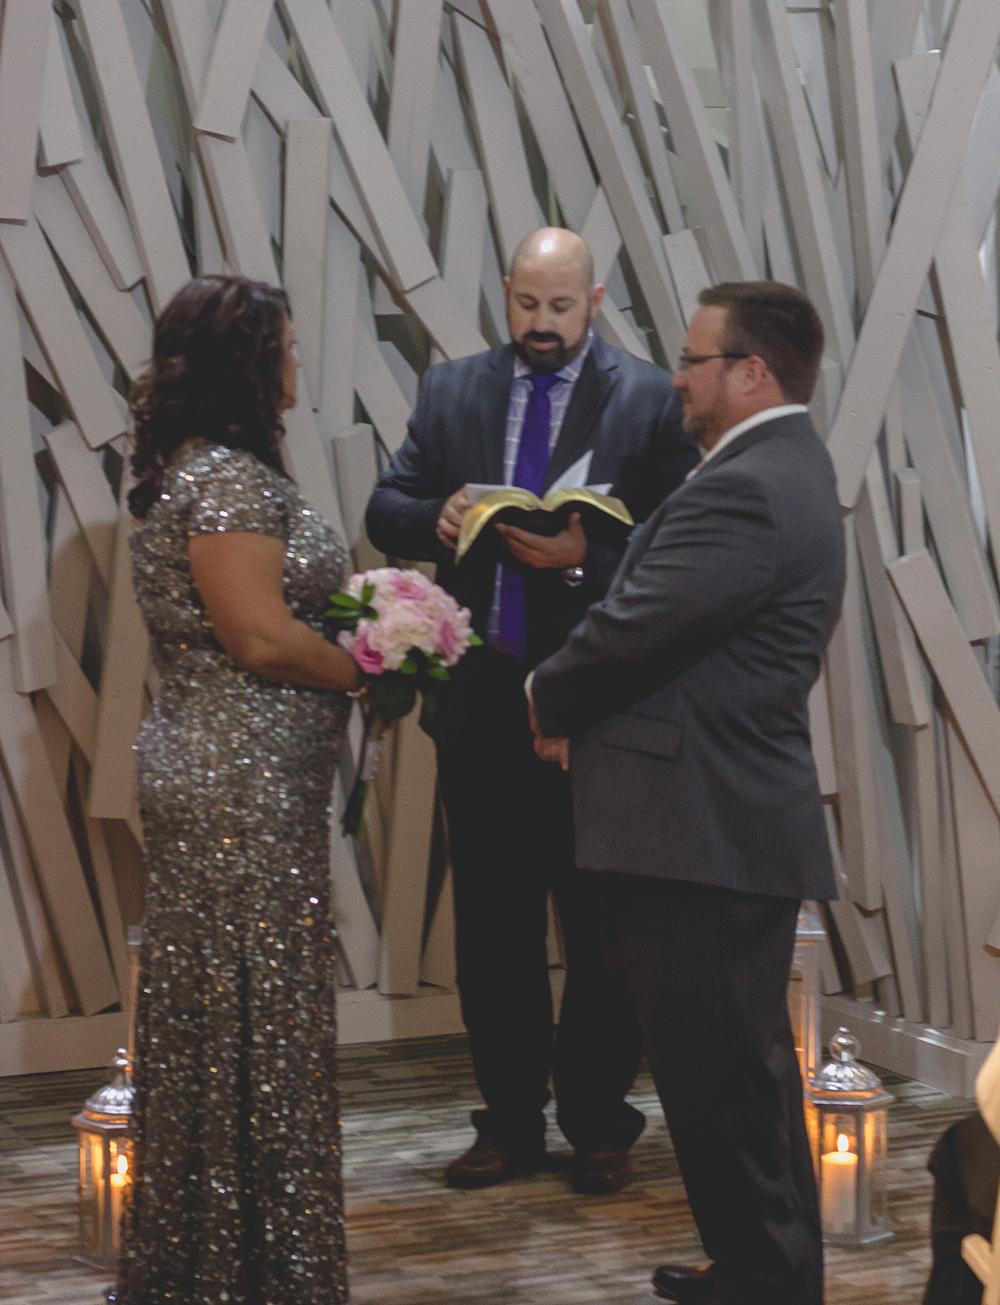 Dave + Tiffany Wedding Ceremony (117 of 259).jpg